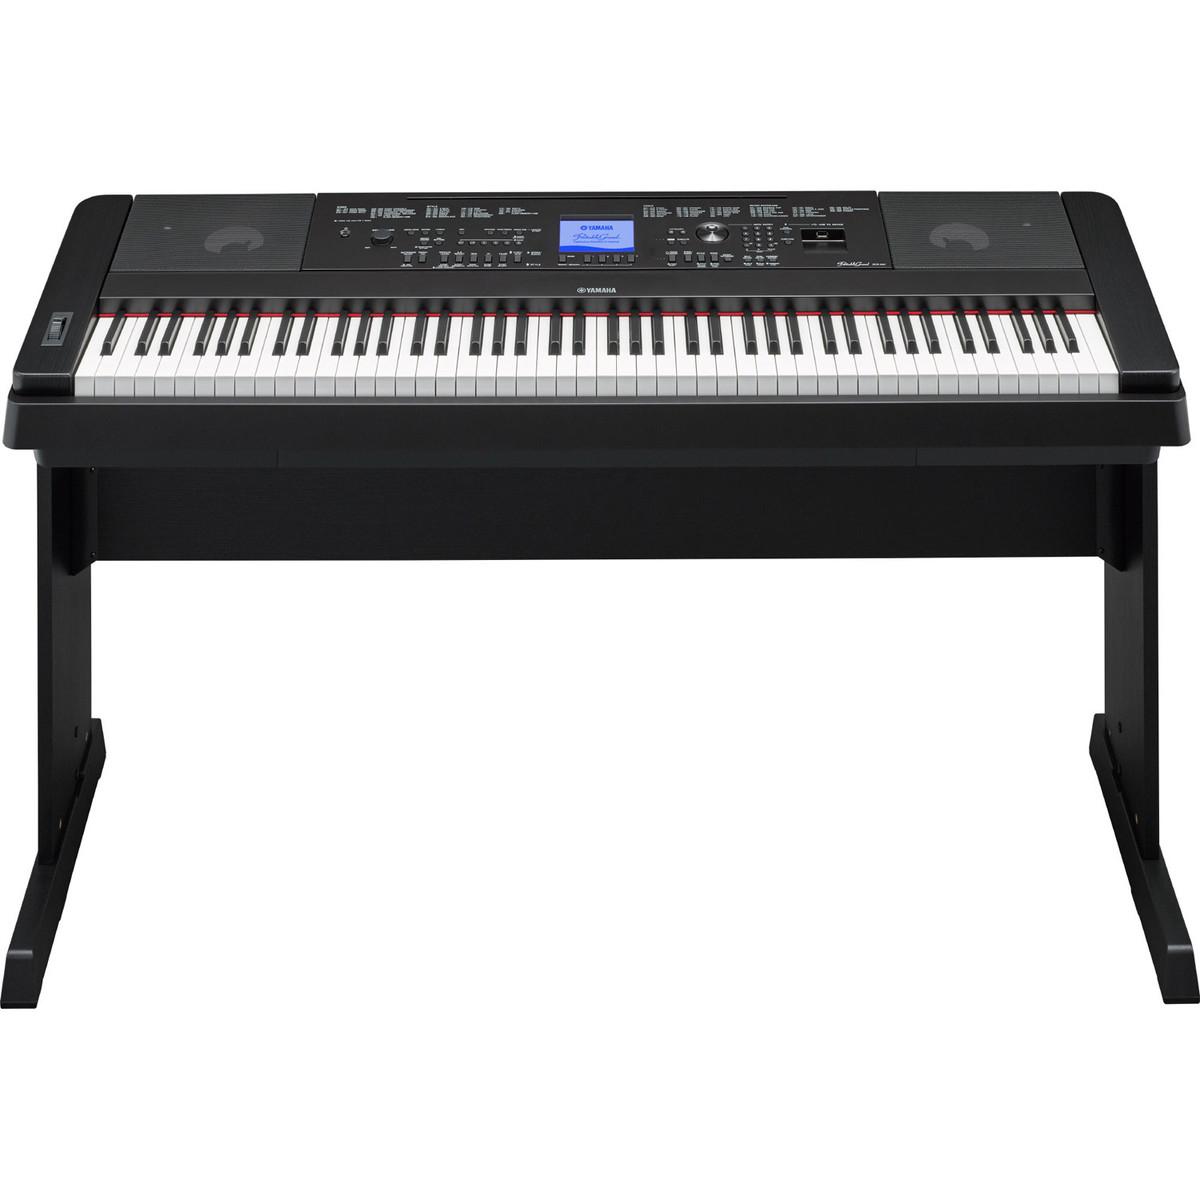 Yamaha dgx660 digital piano with stand black at for Digital piano keyboard yamaha